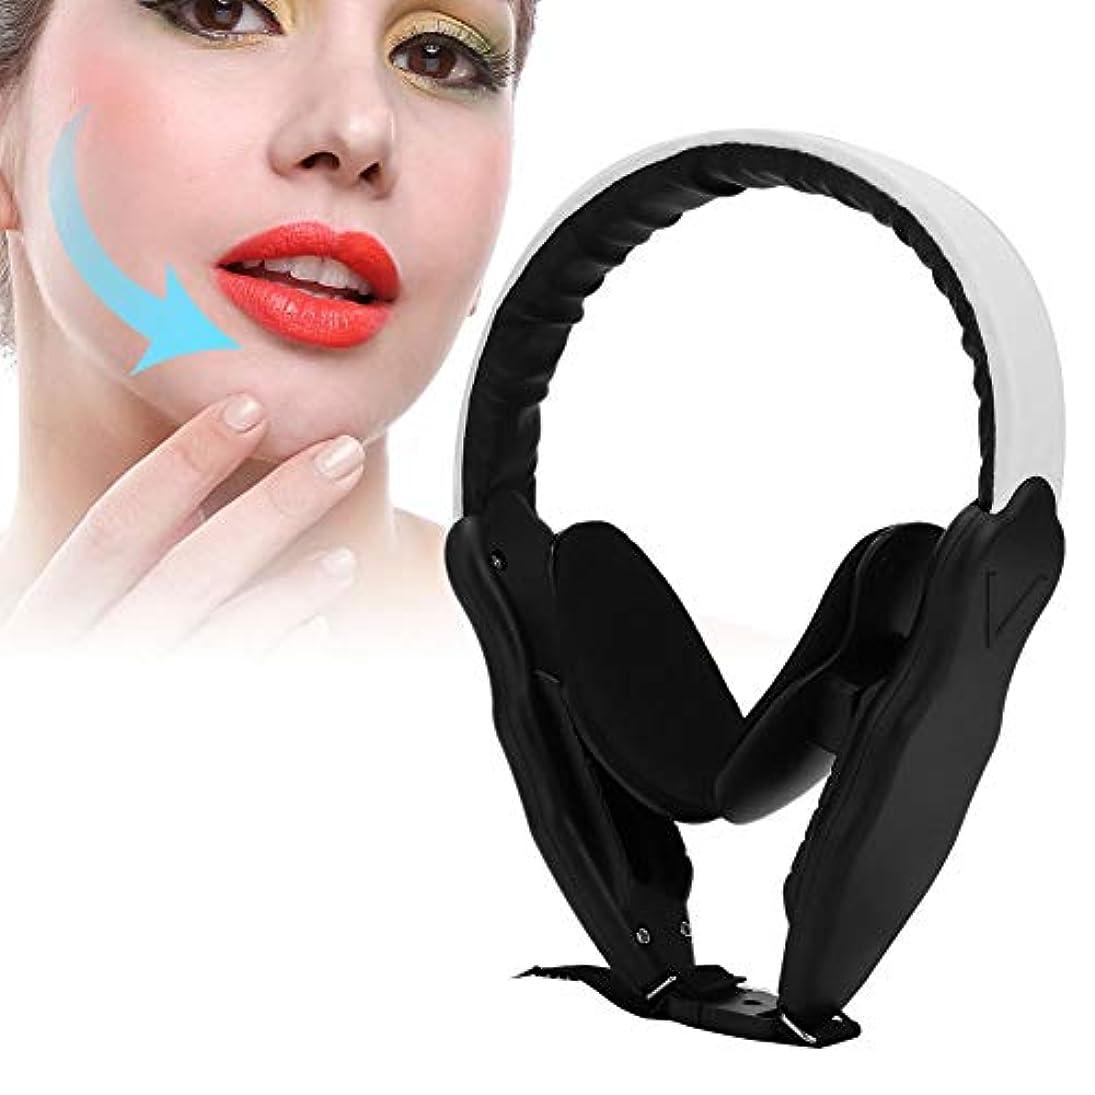 オーバーヘッド五父方の小顔マスク 矯正 調節可能な圧力工具を細くする薄い顔の補正装置のあごの頬の皮のマッサージの持ち上がること